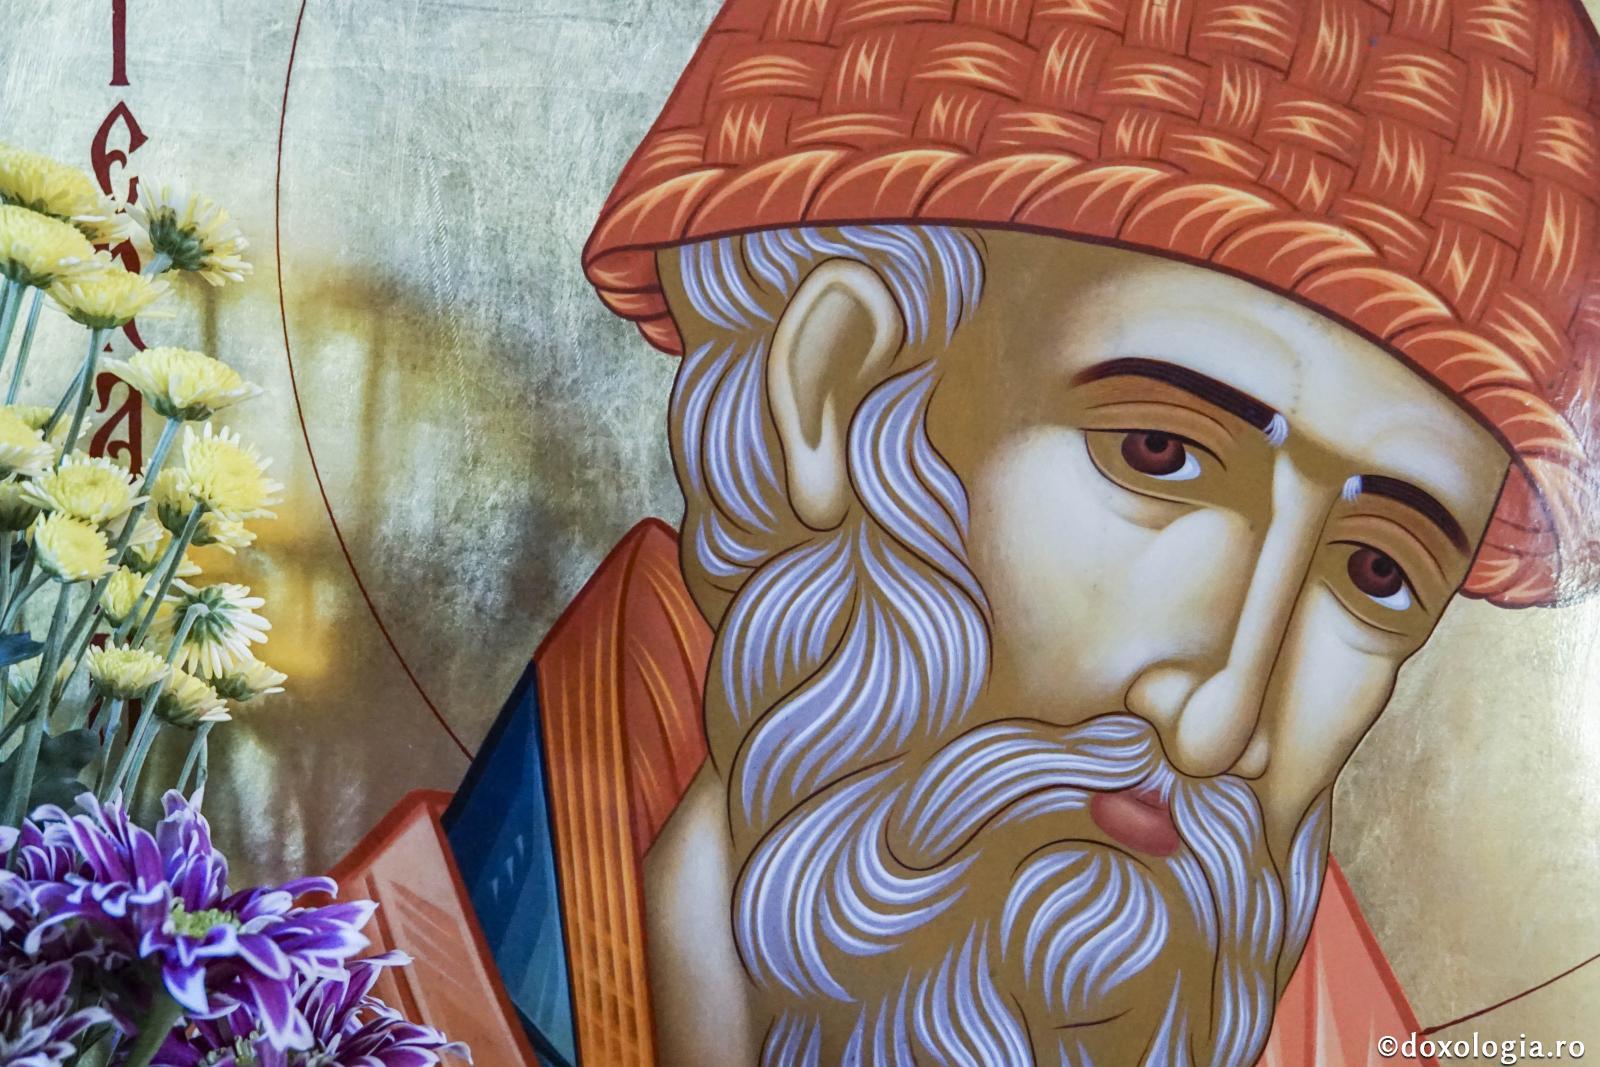 Αποτέλεσμα εικόνας για sfantul spiridon liturgia cu ingeri